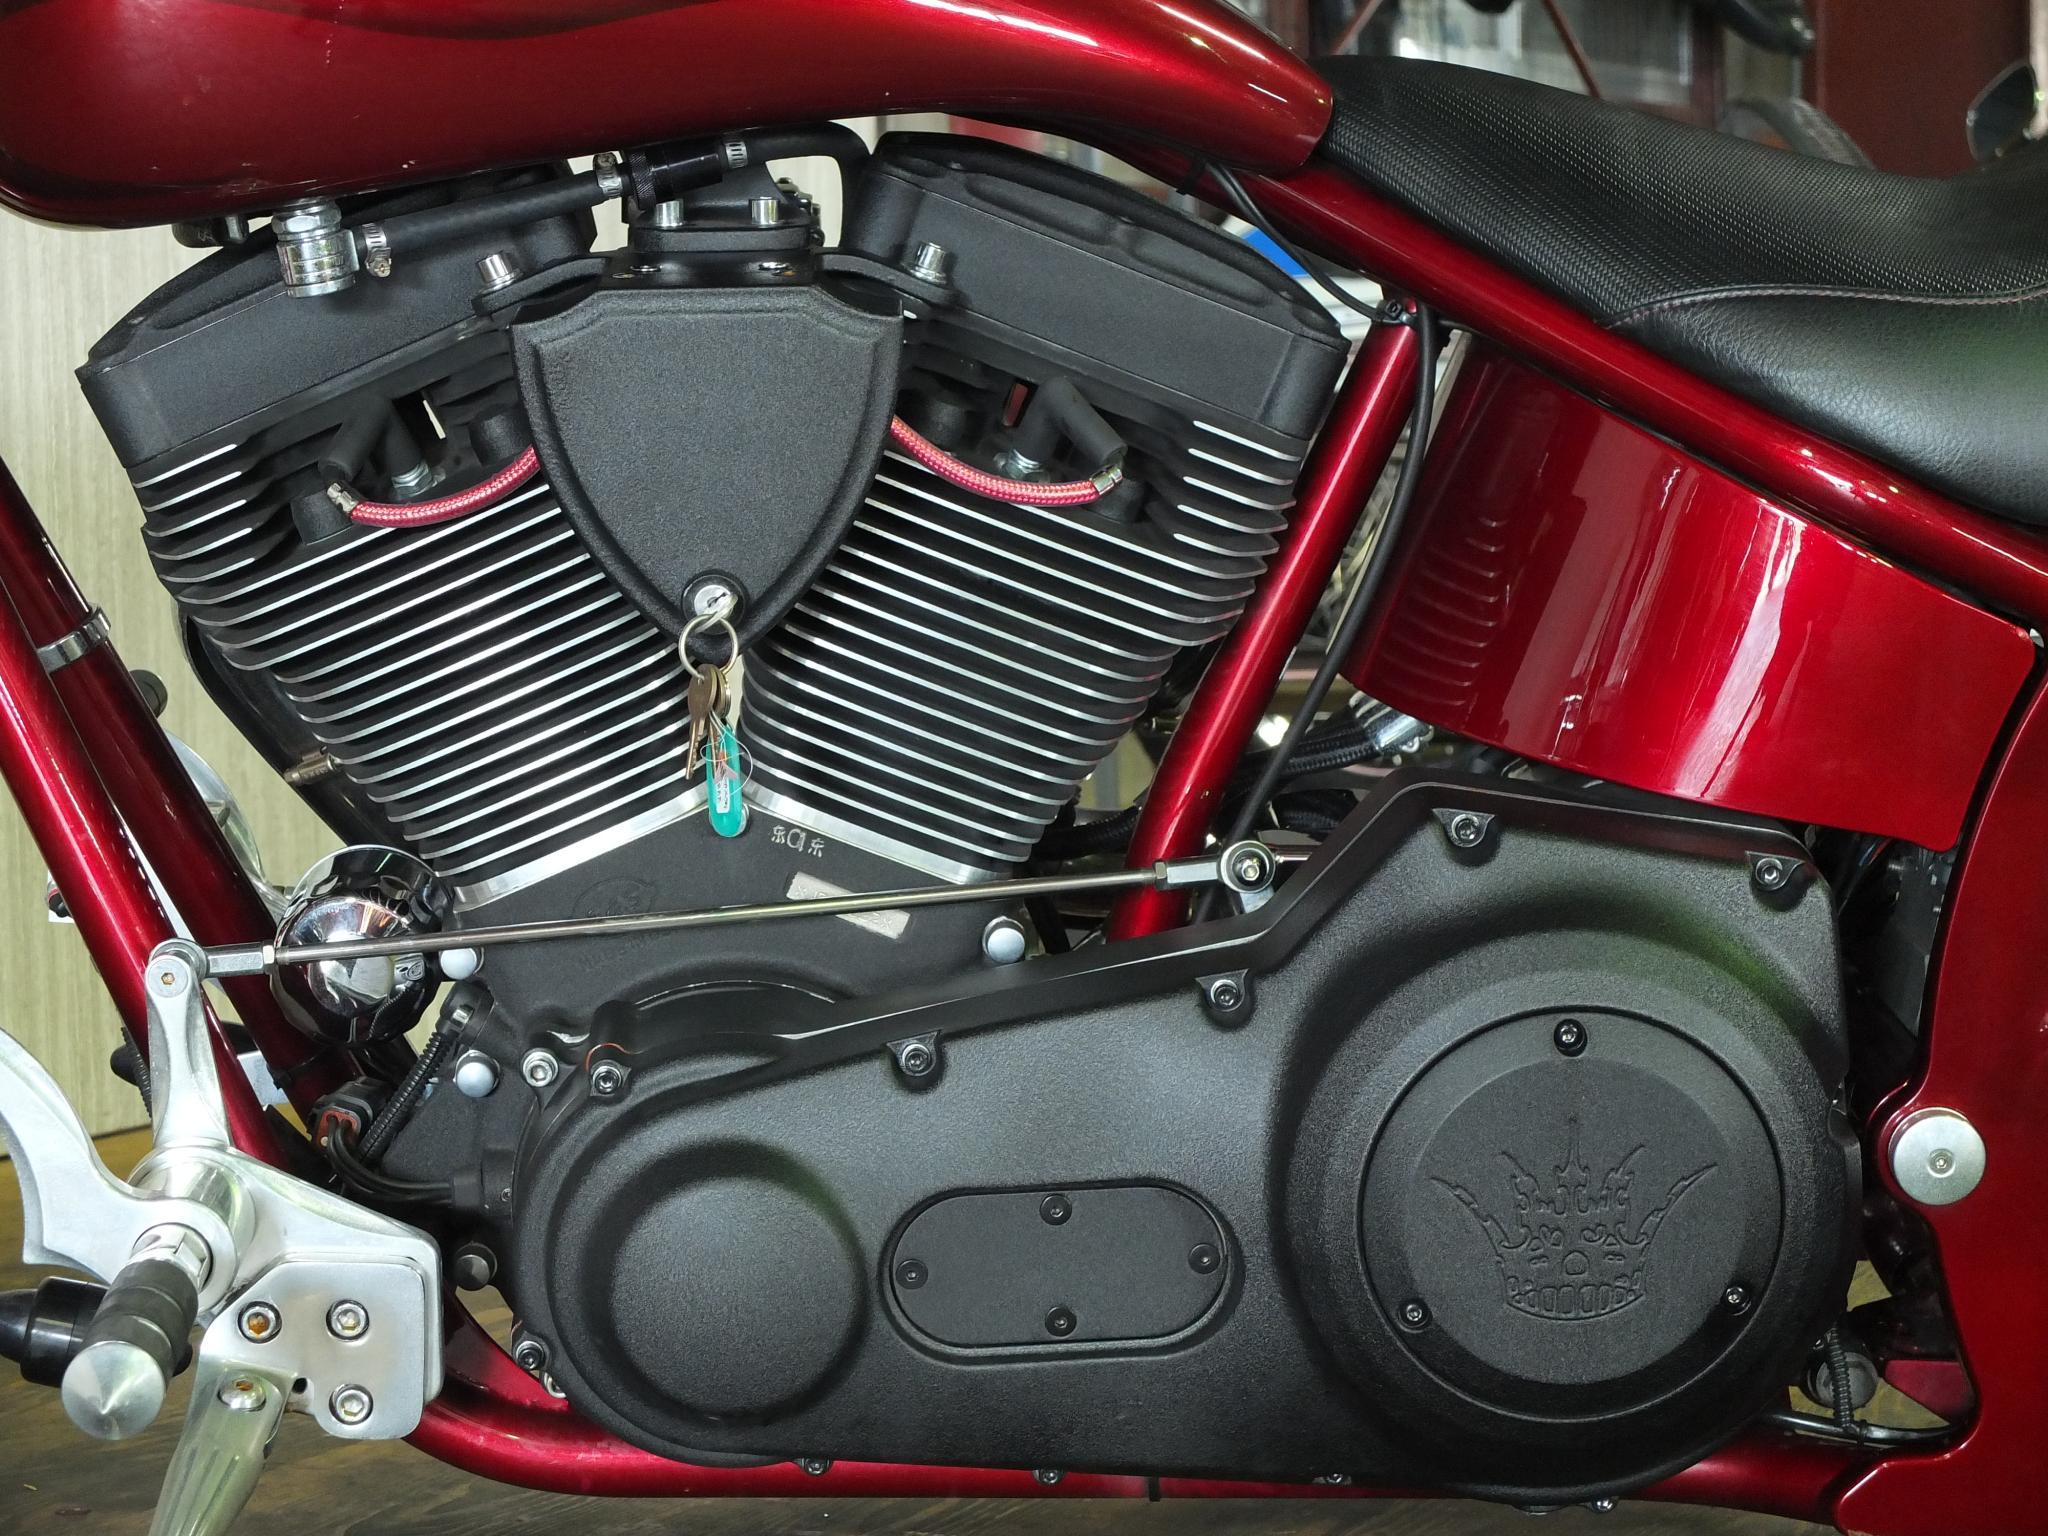 ハーレーダビッドソン 2010 RED CREW Full Custom 車体写真8